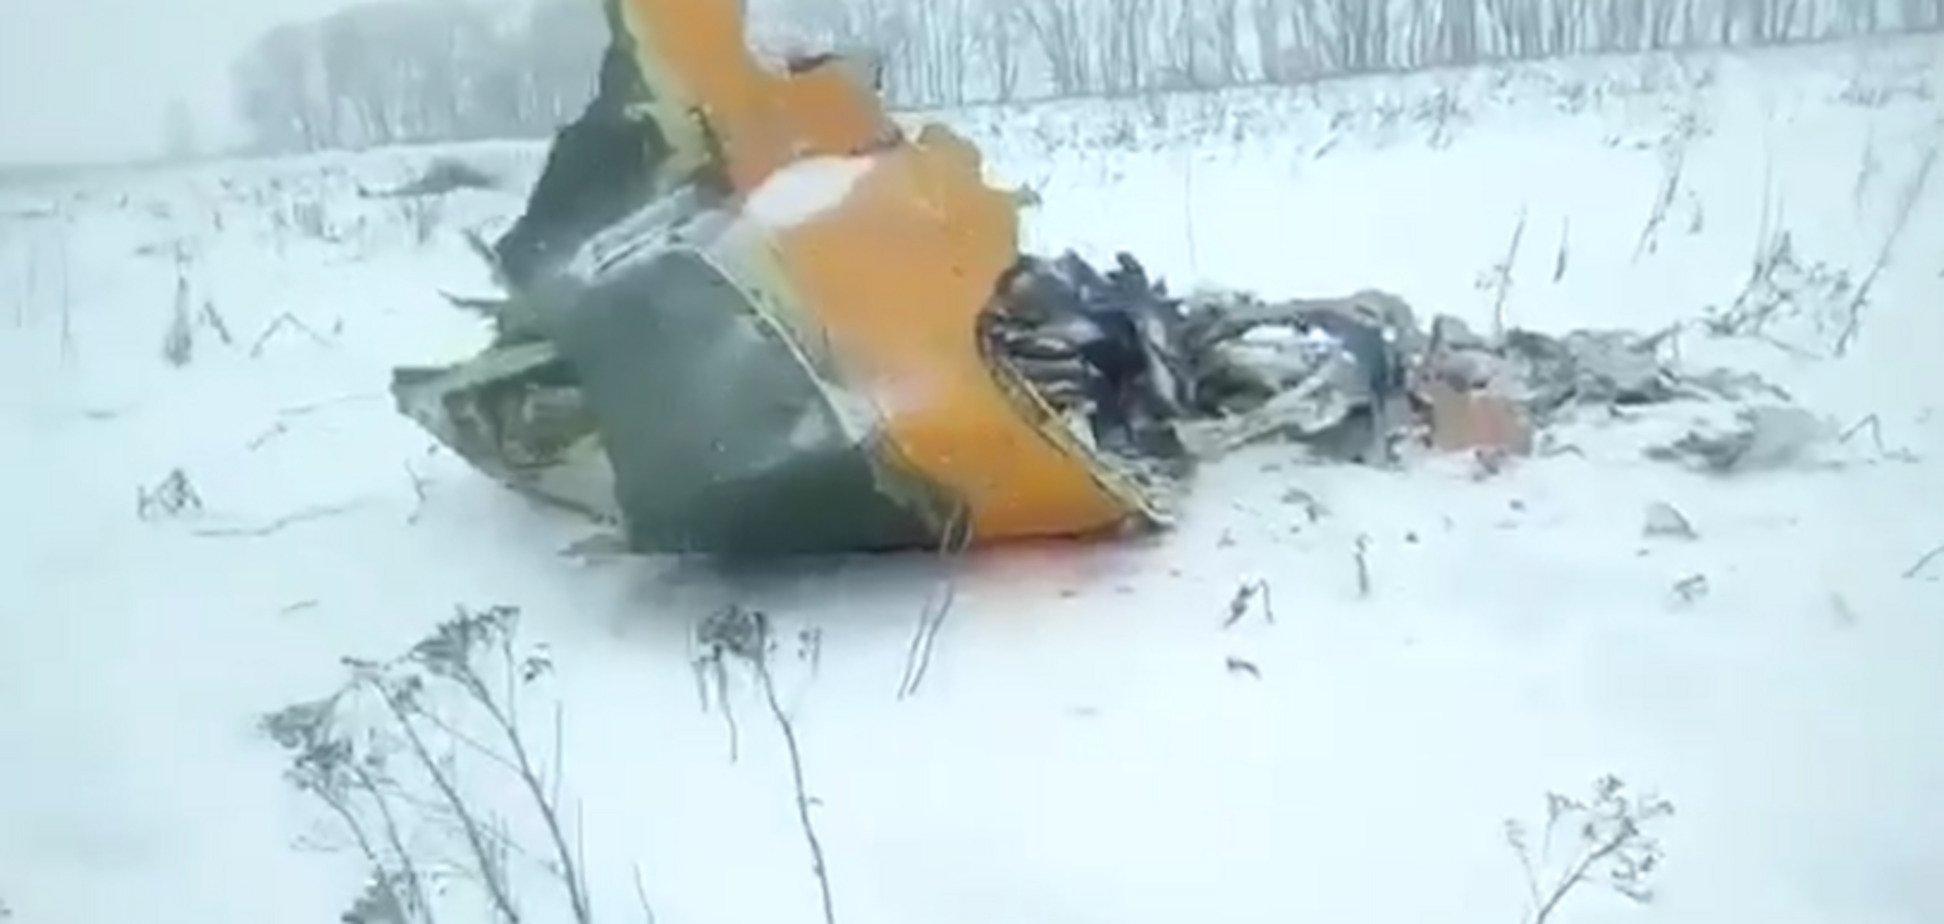 Удивительное везение: россиянин избежал гибели в катастрофе Ан-148